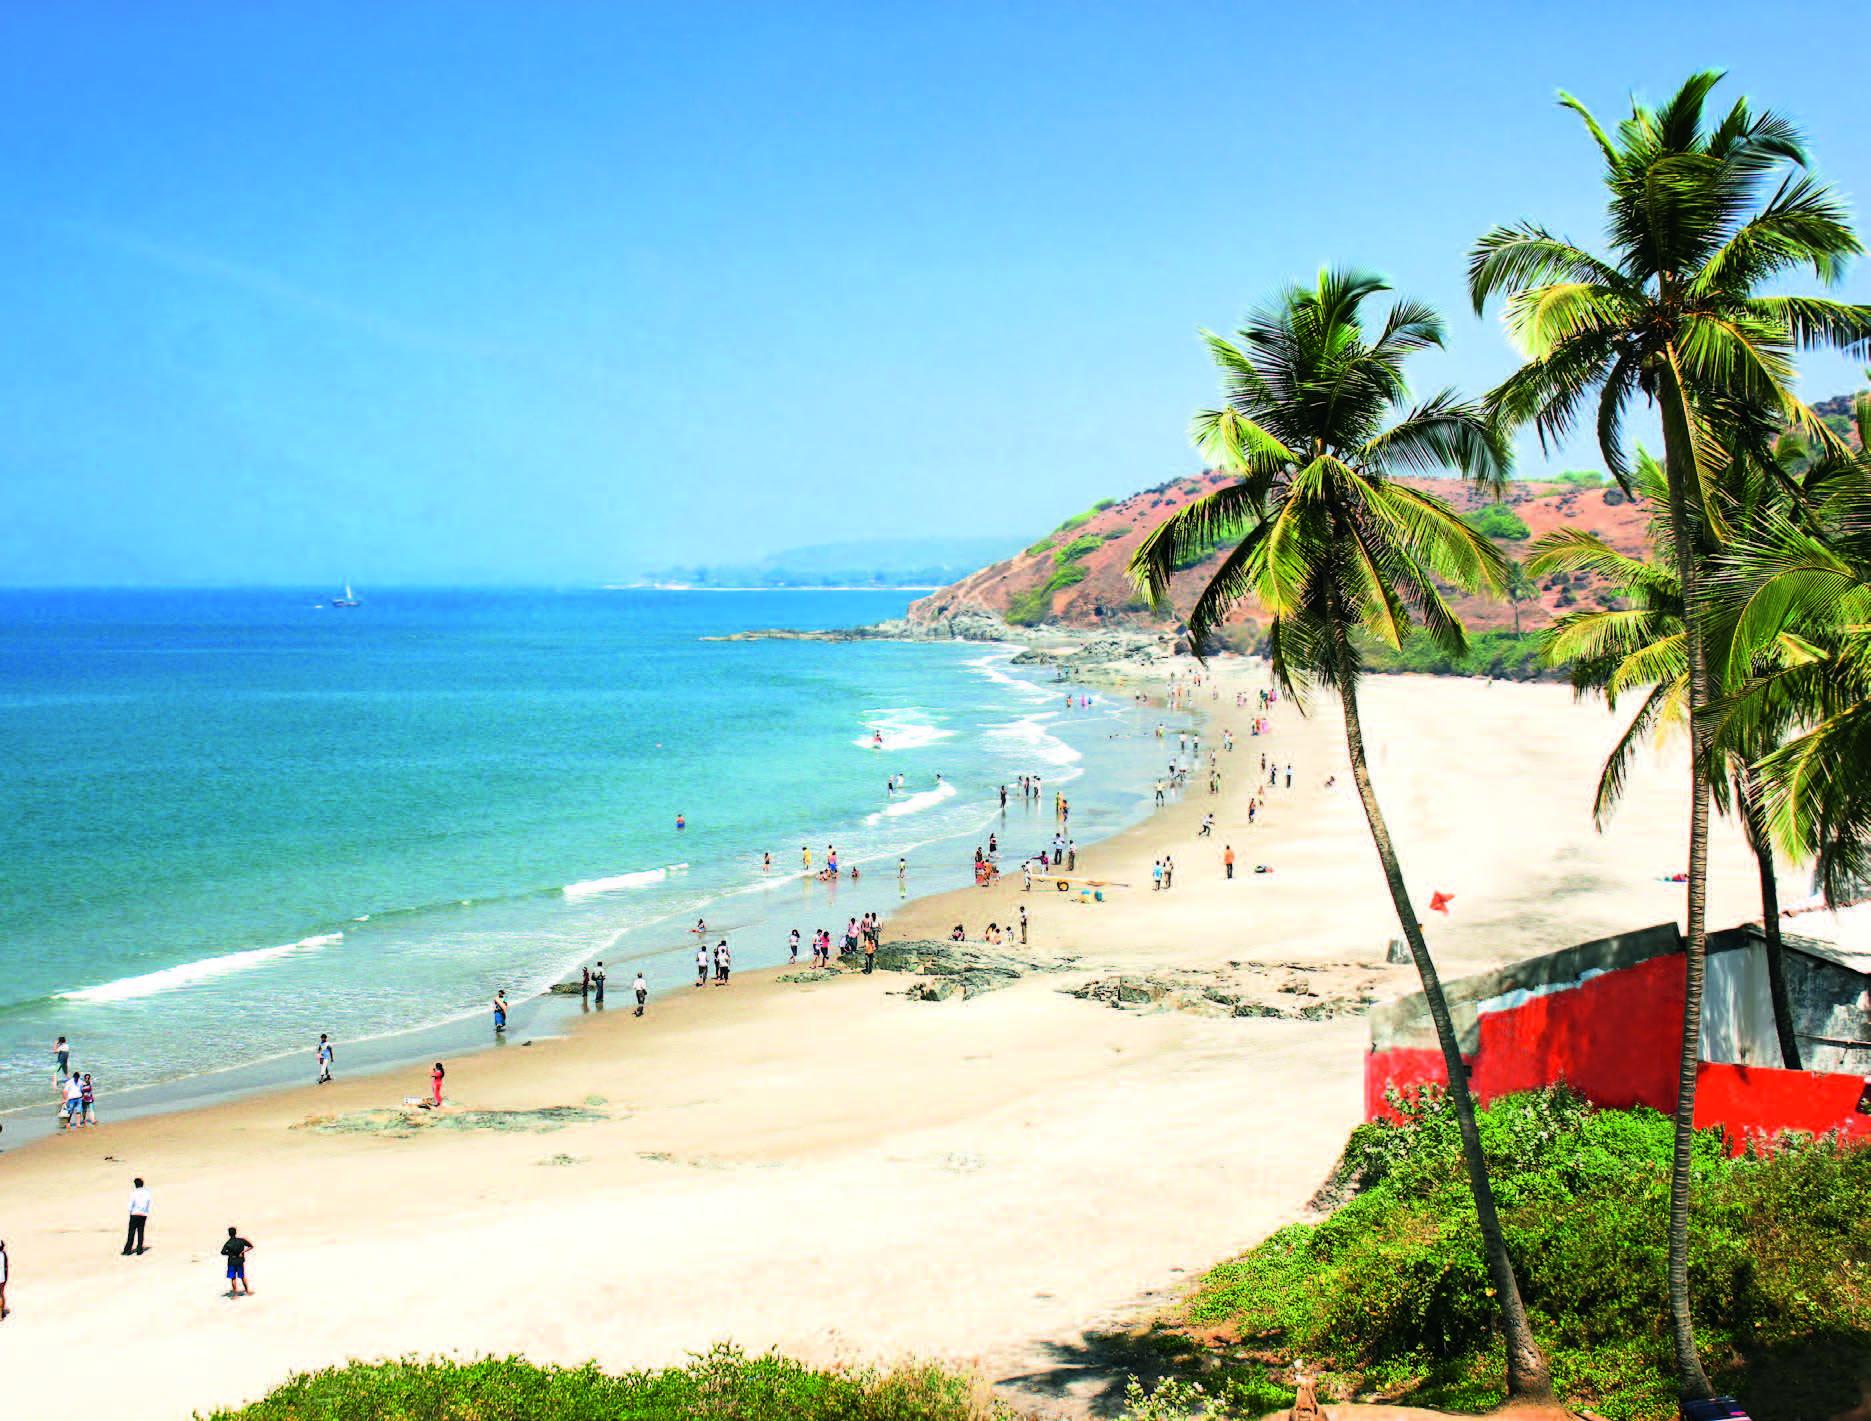 Kelionės po Goa nuo įspūdingų paplūdimių iki gurmaniškos virtuvės 5